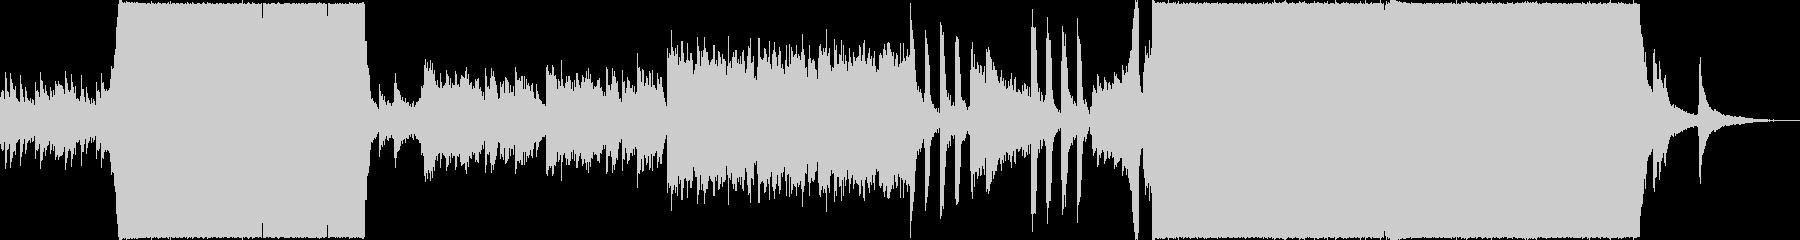 異世界感溢れる壮大な幻想的音ゲー系BGMの未再生の波形